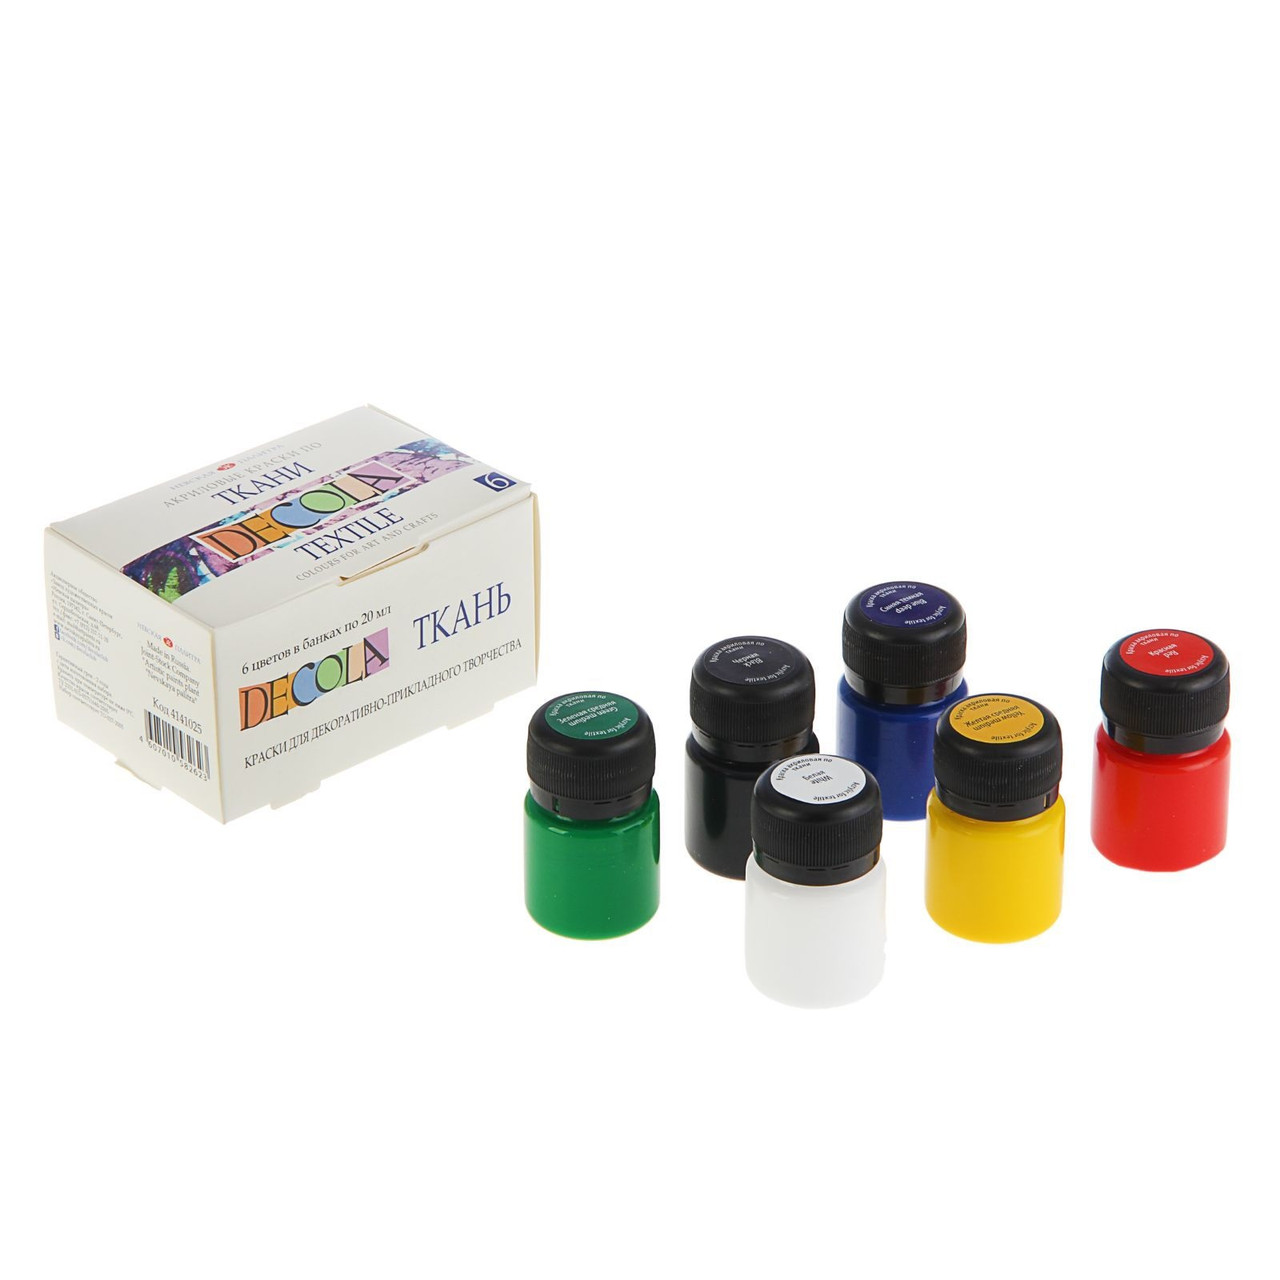 Краска по ткани, набор 6 цветов х 20 мл, Decola (акриловая на водной основе)